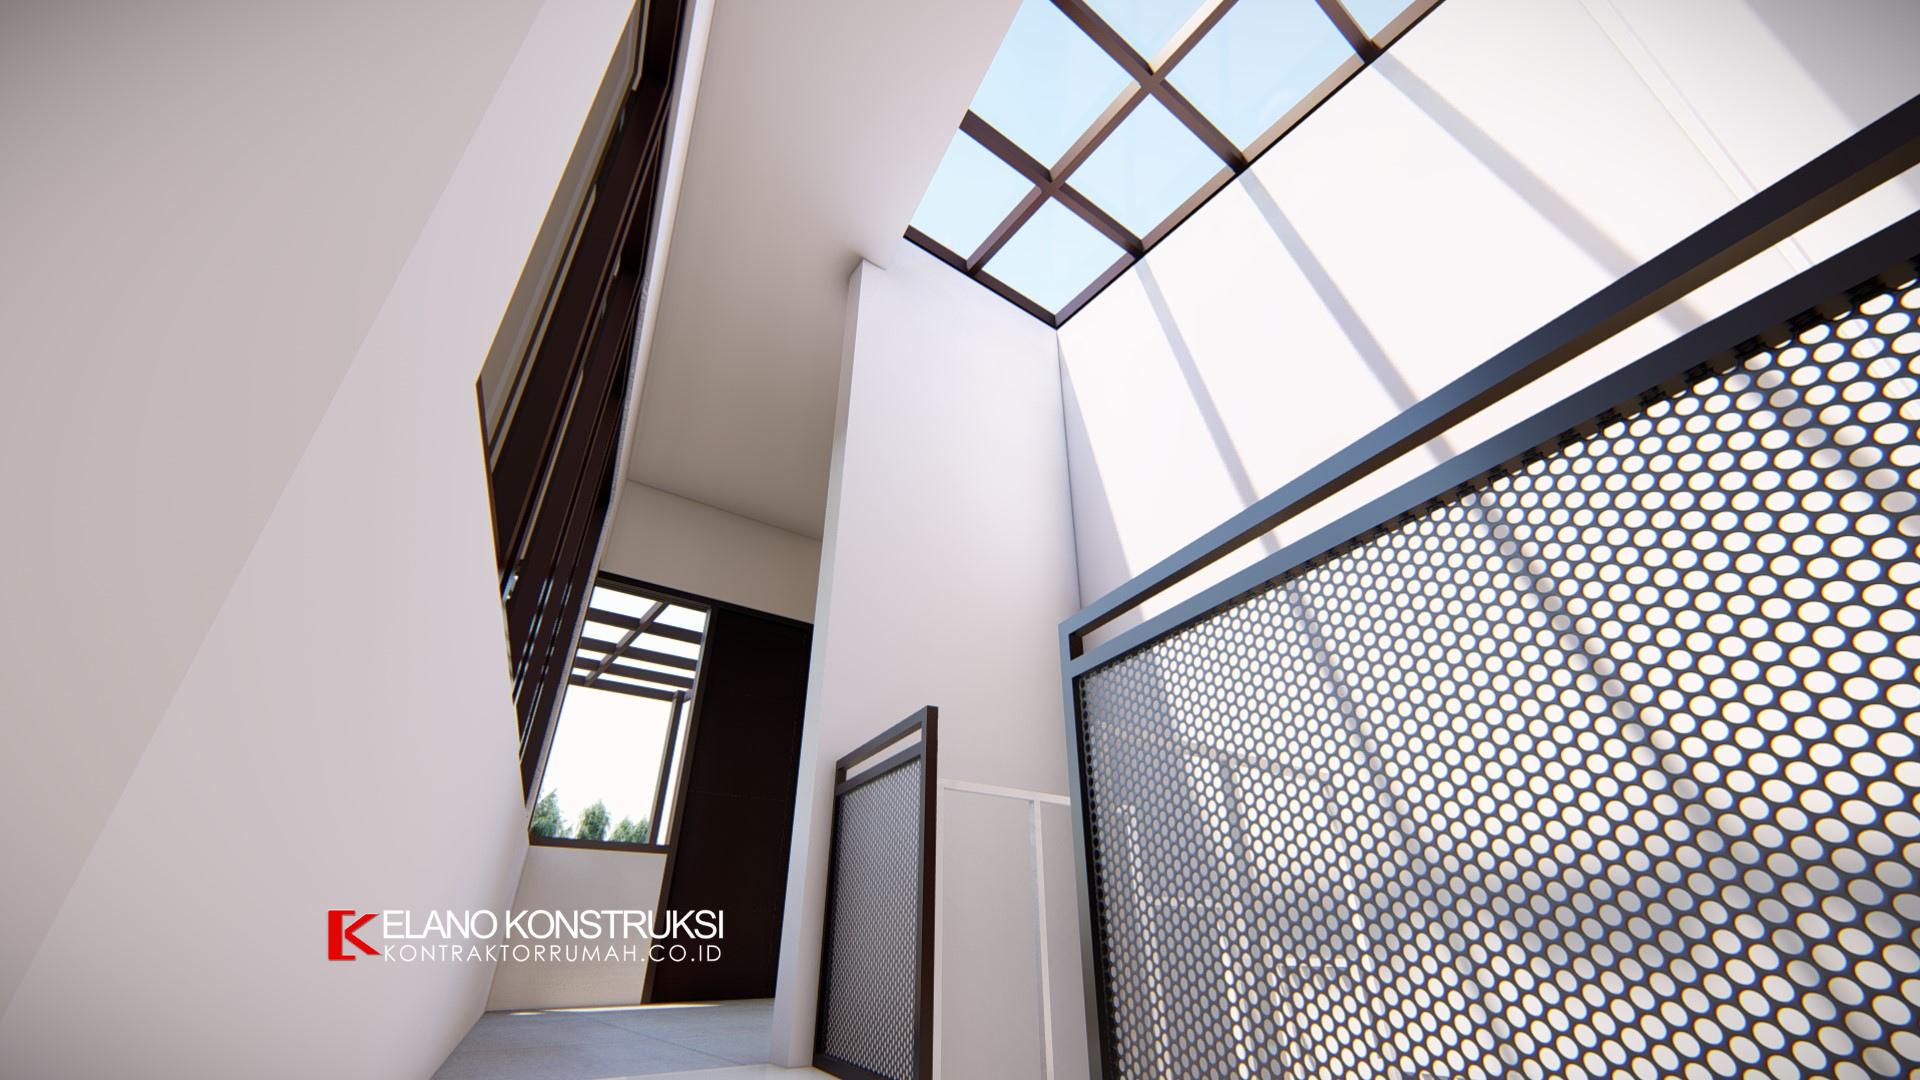 Untitled design 7 1 - Desain Rumah Minimalis Bapak Priyo 100 M2 Jakarta Timur